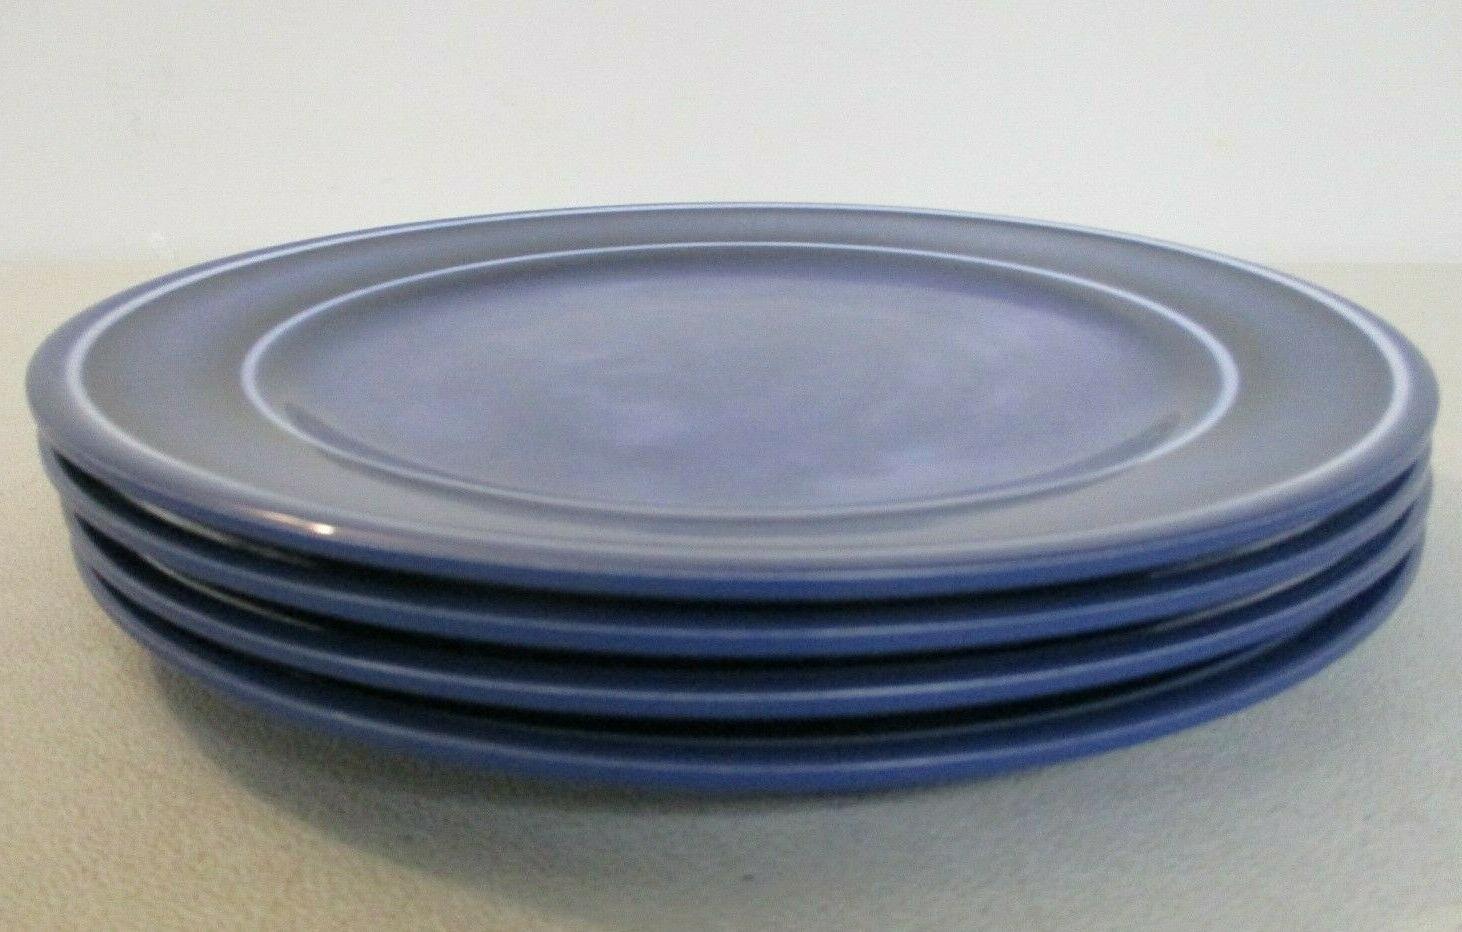 Glazed Dinner Plate Set of Dishwasher 4415